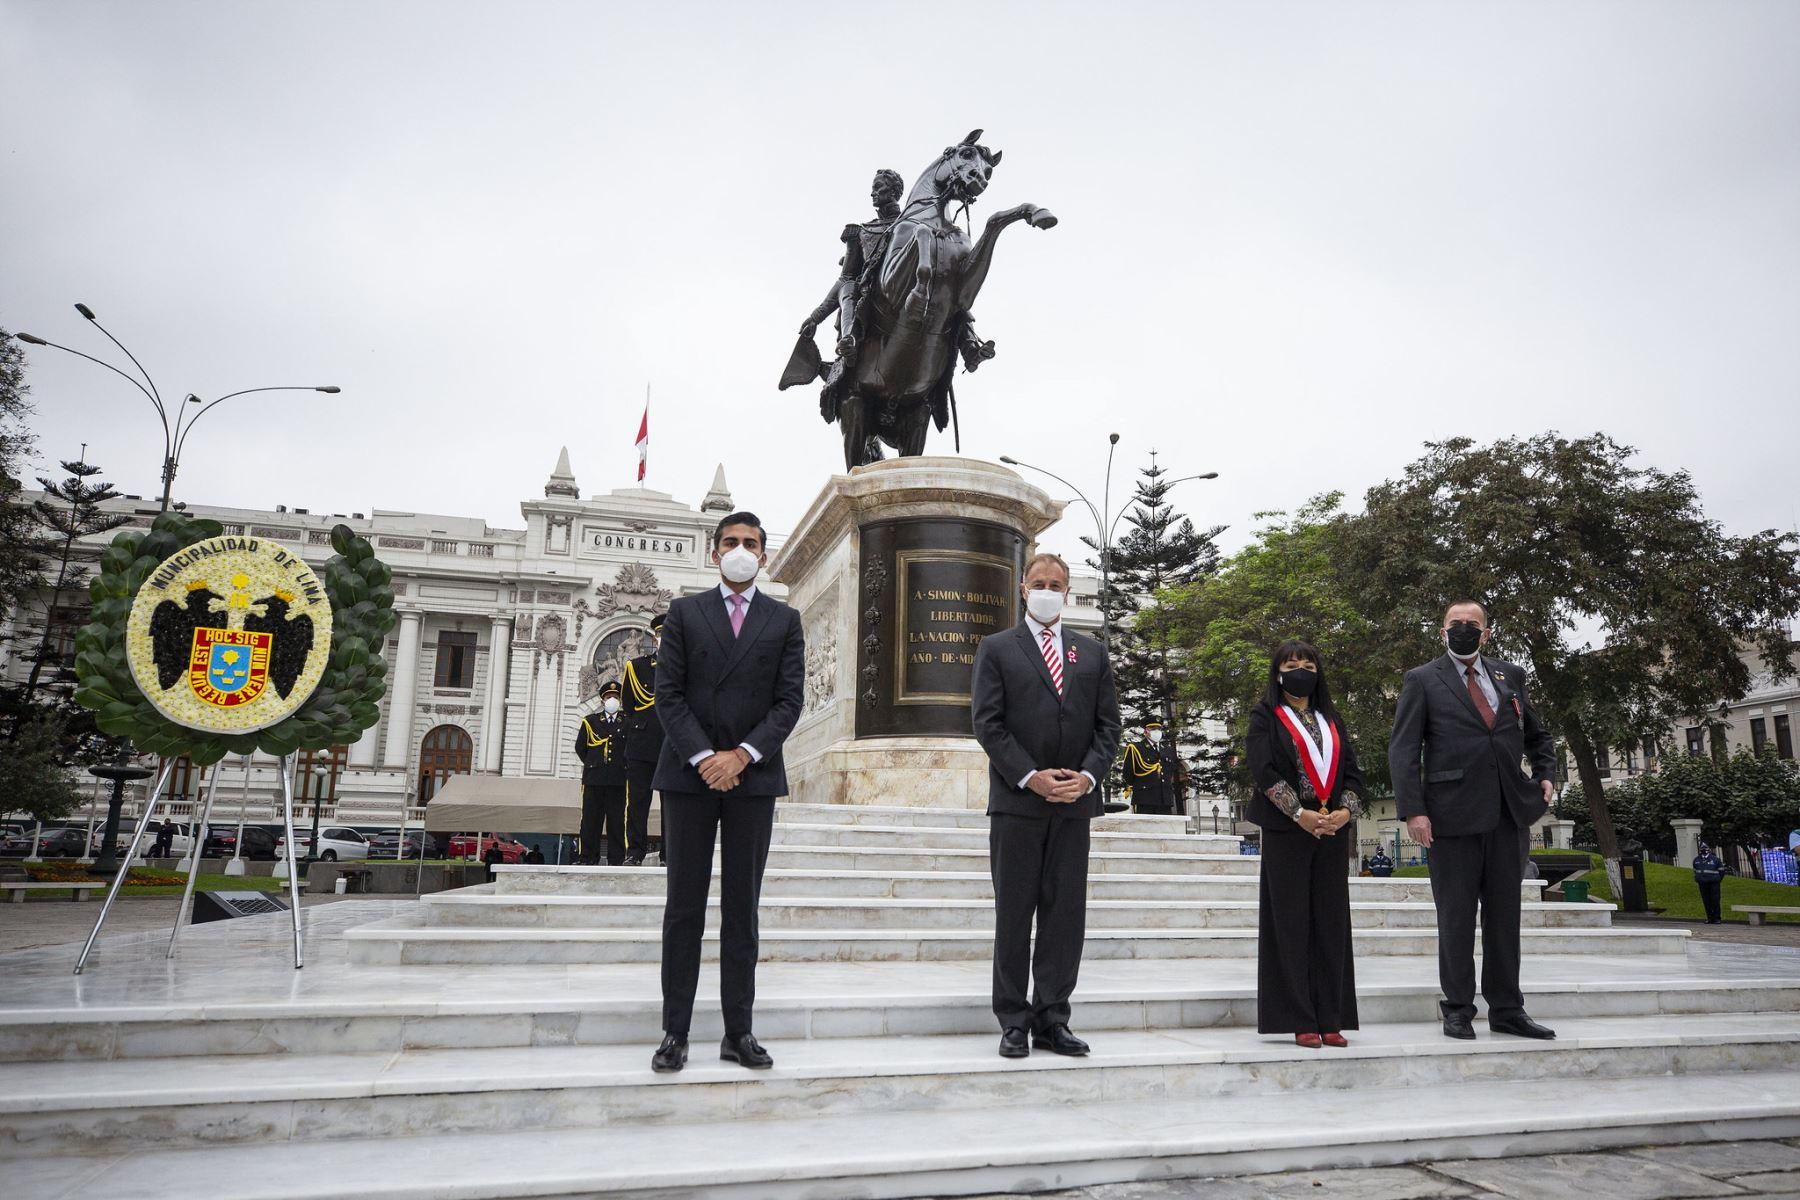 La presidenta del Congreso, Mirtha Vásquez; junto al alcalde de Lima, Jorge Muñoz, desvelan el monumento a Simón Bolívar, ubicado en la plaza de la Inquisición, del Palacio Legislativo. Foto: Municipalidad Metropolitana de Lima/Cortesía.